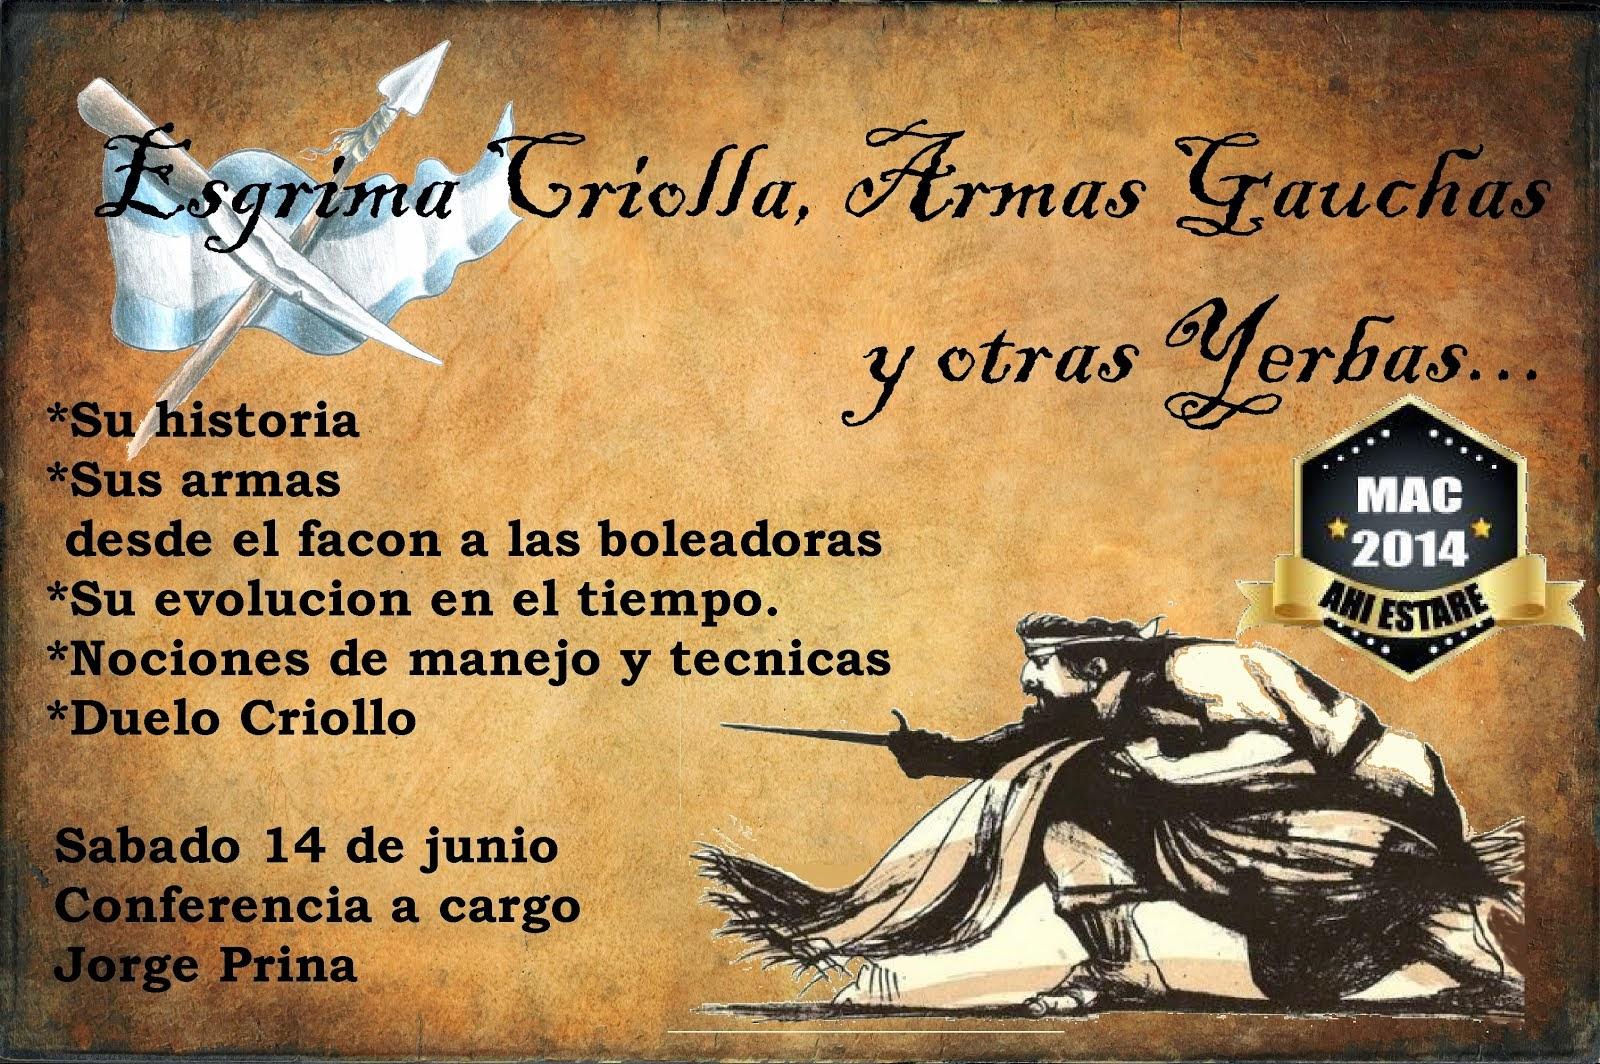 Conferencia sobre Esgrima Crilla Armas Gauchas y Otras Yerbas...